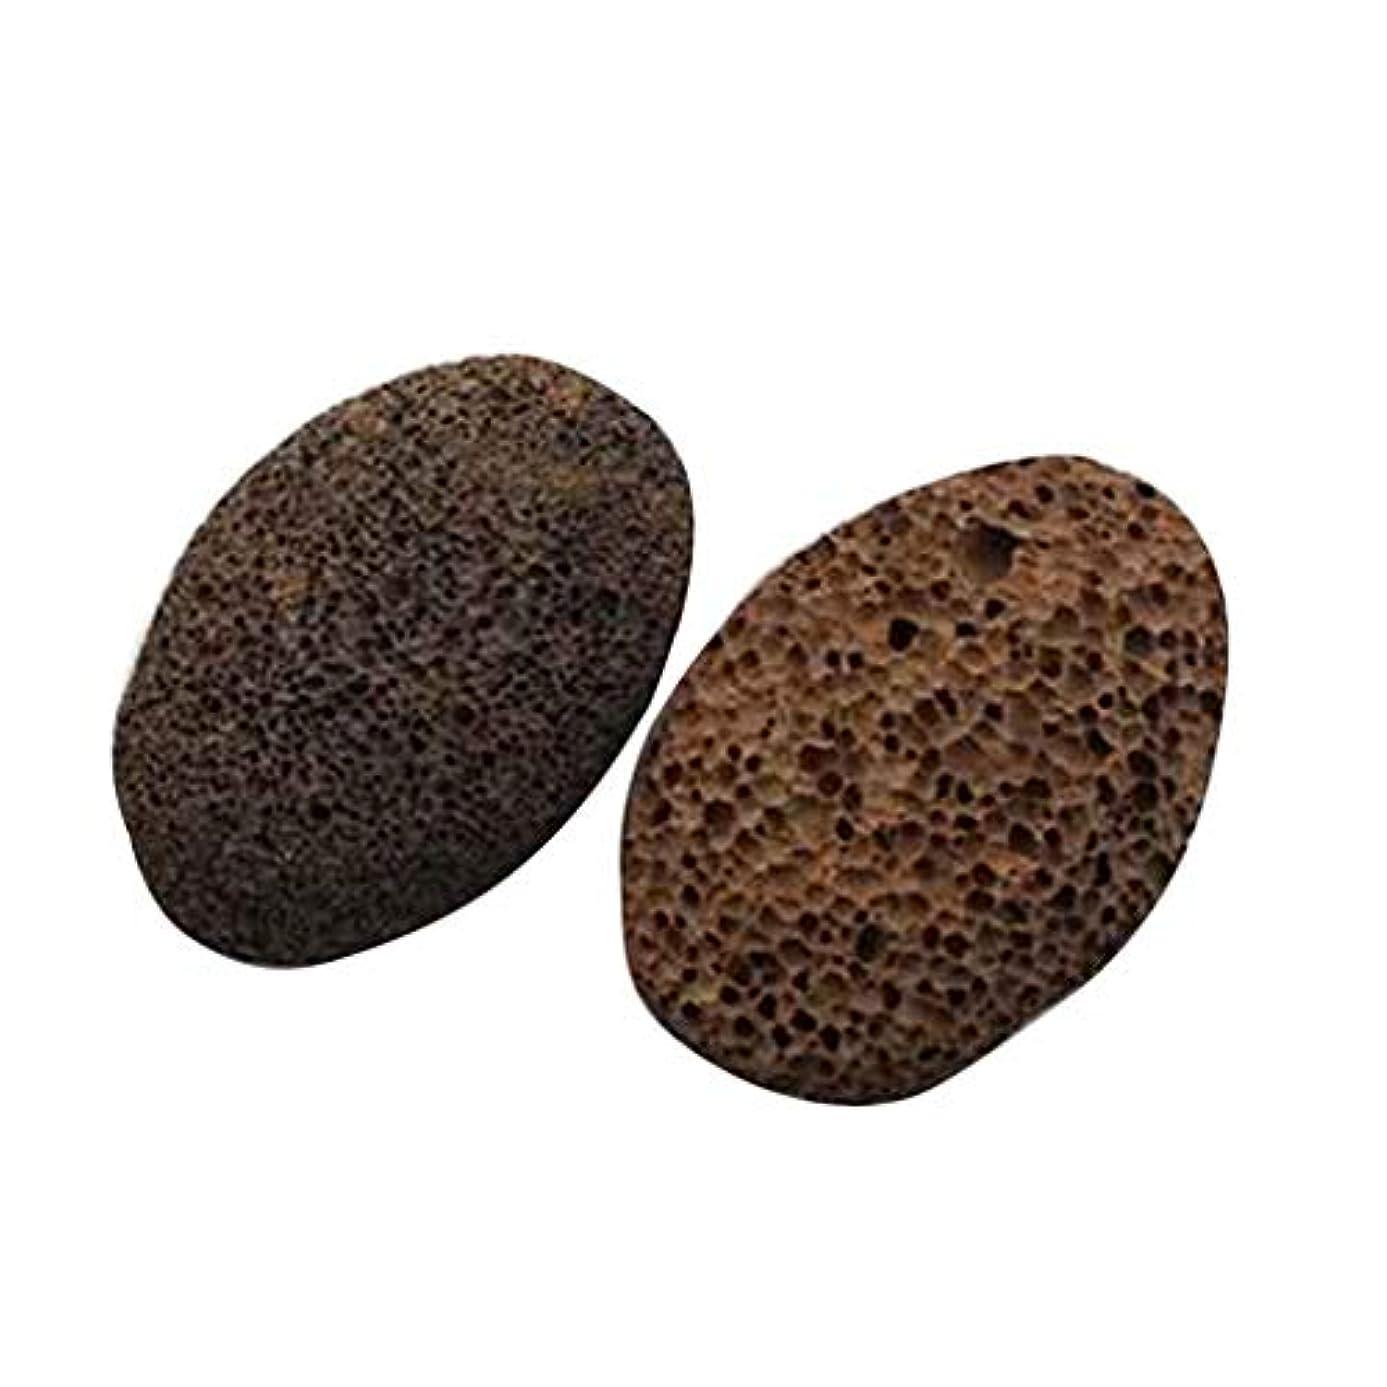 セイはさておき沼地許すNerhaily 死んだ皮軽石を取り除き 足石を挽いて 自然の火山石を剥がします 足マッサージ石 ワイプ足石 2個セット